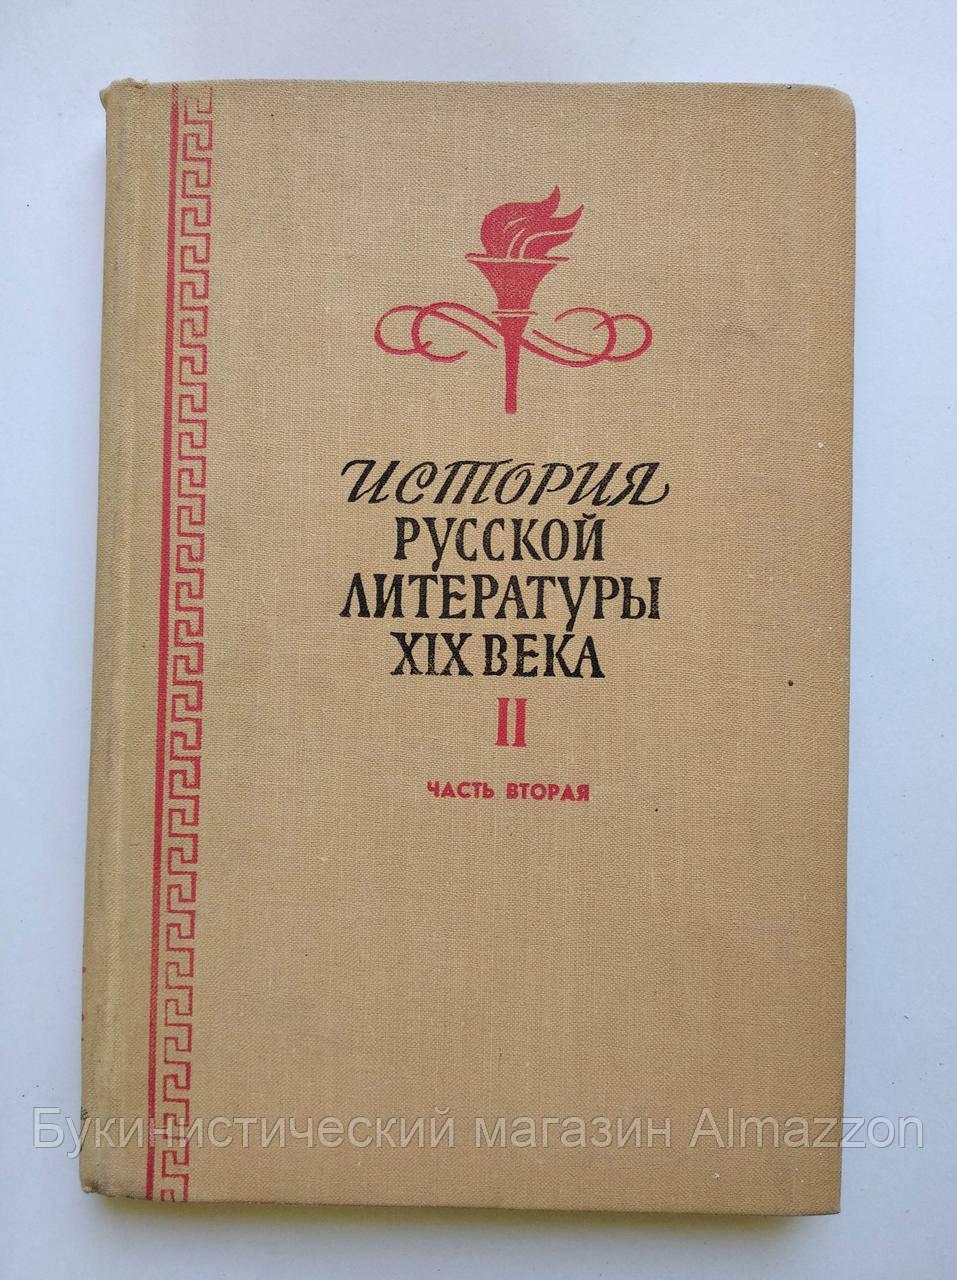 Історія російської літератури 19-го століття. Частина 2. Том 2